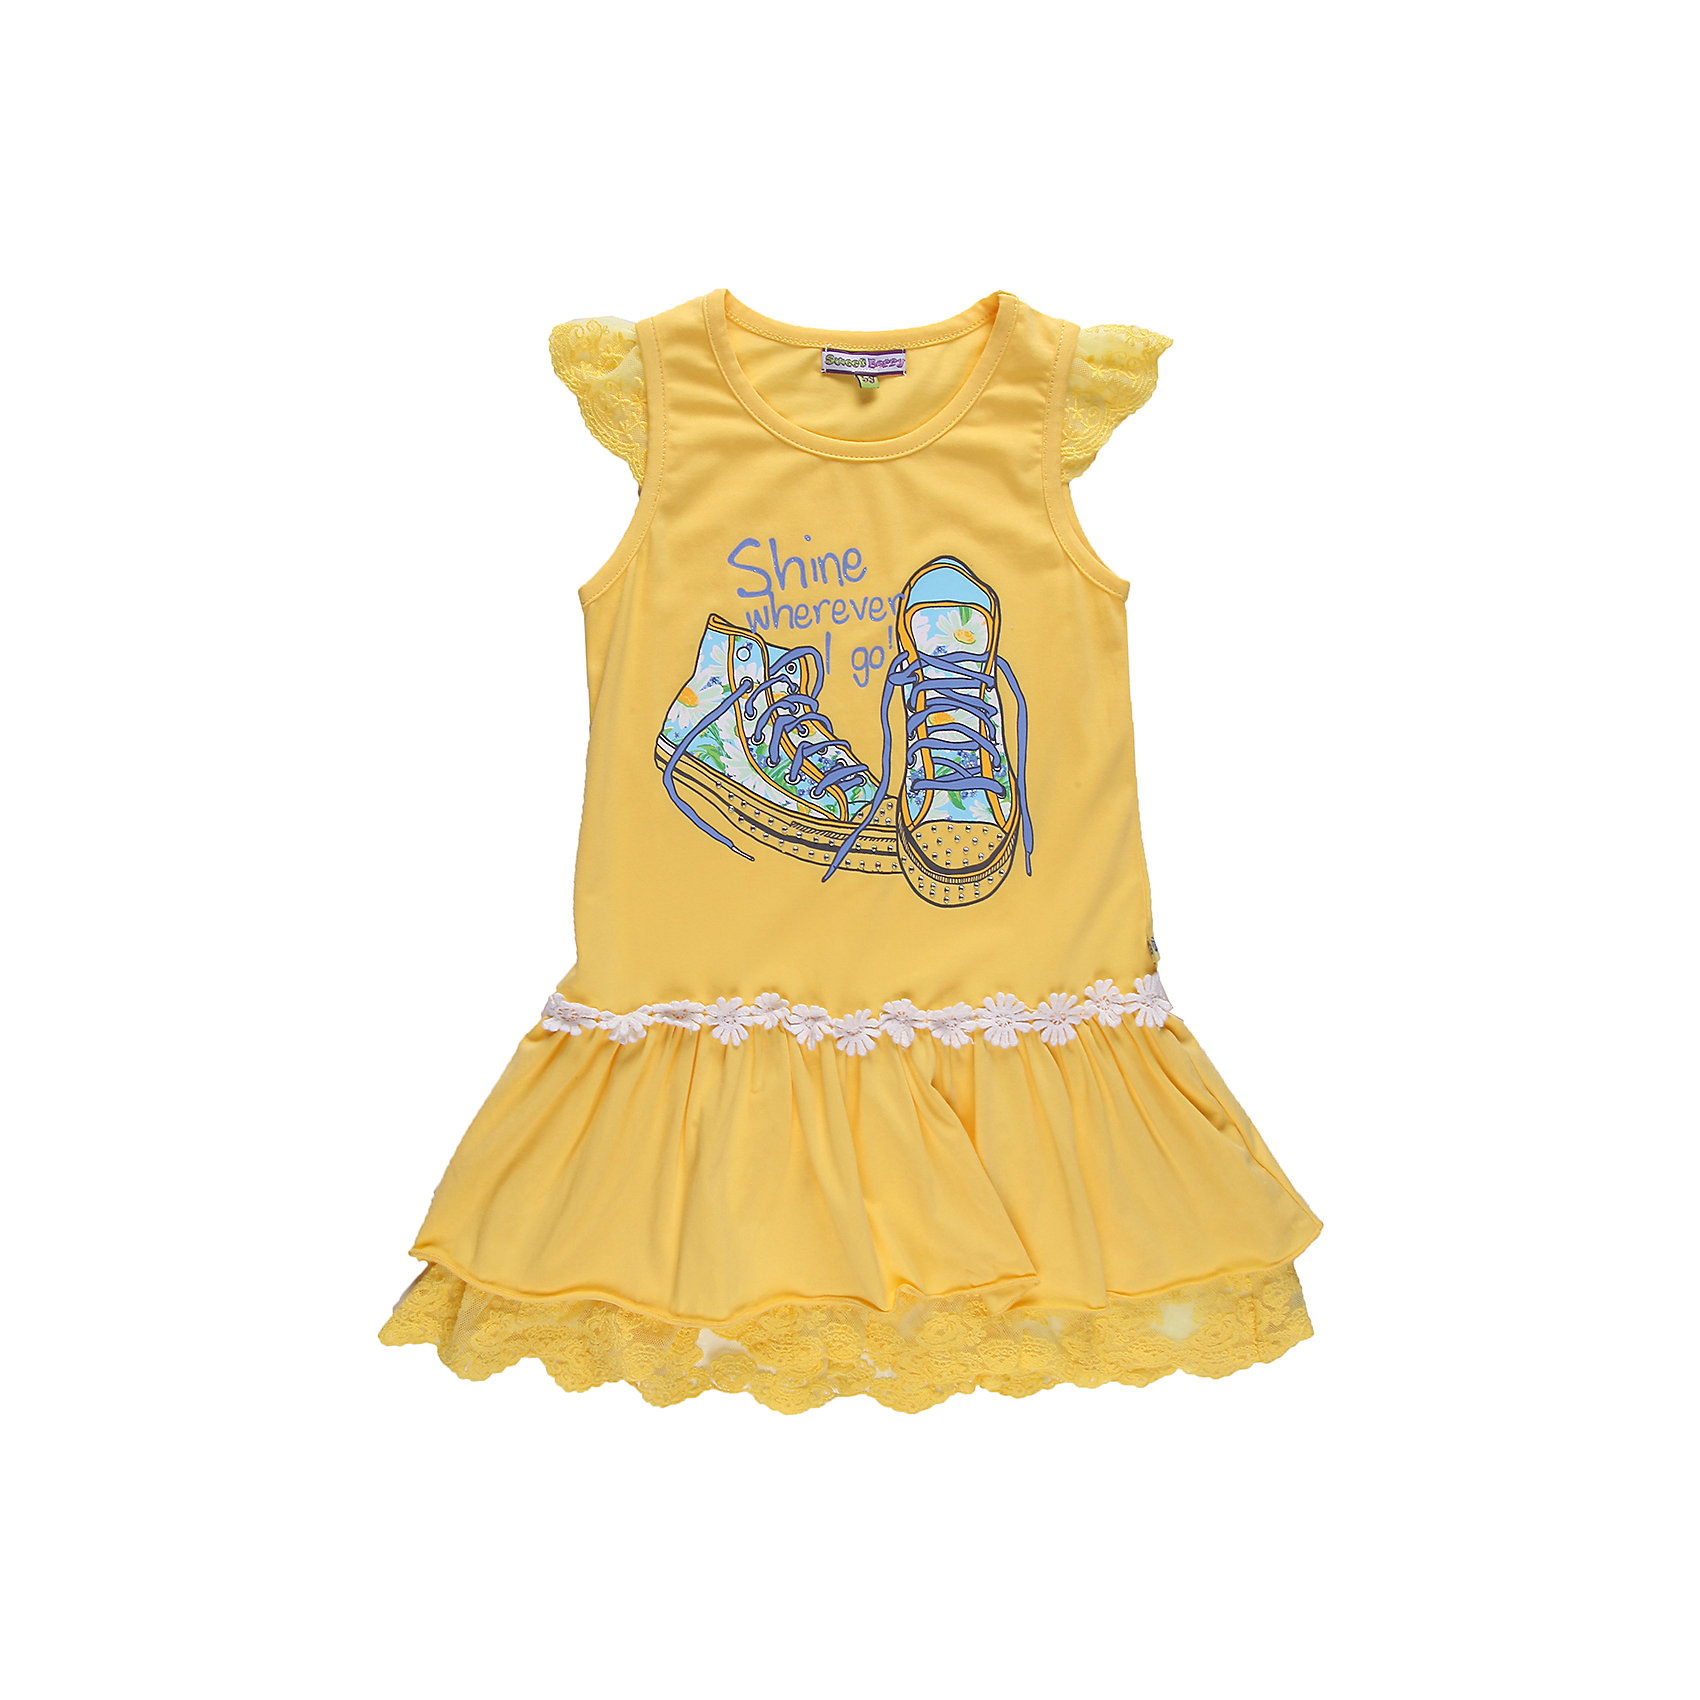 Платье для девочки Sweet BerryПлатья и сарафаны<br>Платье из эластичного трикотажа  с эластичным кружевом и кружевной отделкой. Декорировано принтом.<br>Состав:<br>95% хлопок, 5% эластан<br><br>Ширина мм: 236<br>Глубина мм: 16<br>Высота мм: 184<br>Вес г: 177<br>Цвет: желтый<br>Возраст от месяцев: 24<br>Возраст до месяцев: 36<br>Пол: Женский<br>Возраст: Детский<br>Размер: 98,116,110,122,104,128<br>SKU: 4520901